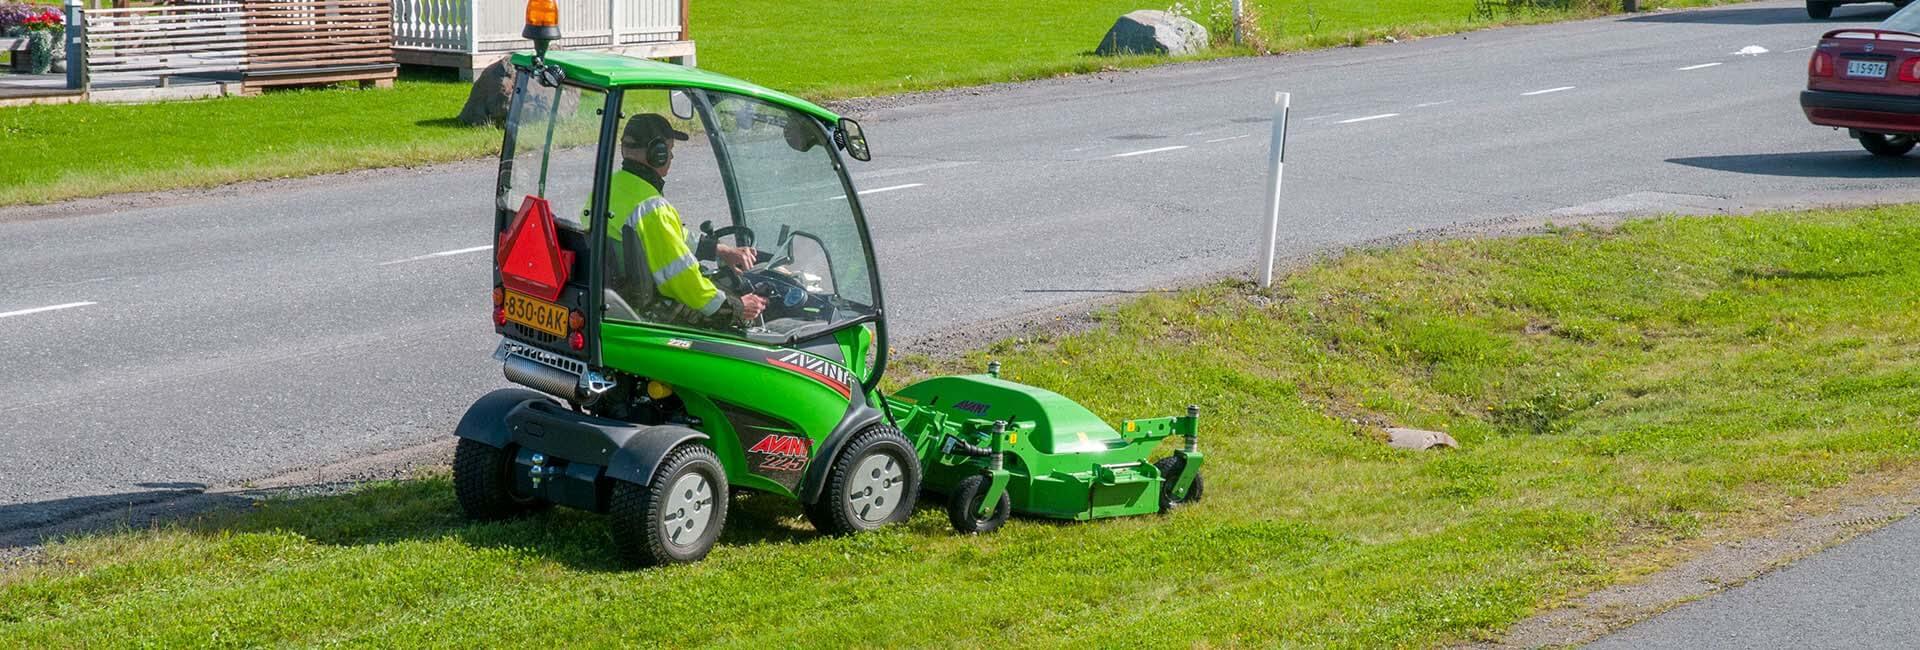 miljøbillede af AVANT med græsklipper 1500 monteret